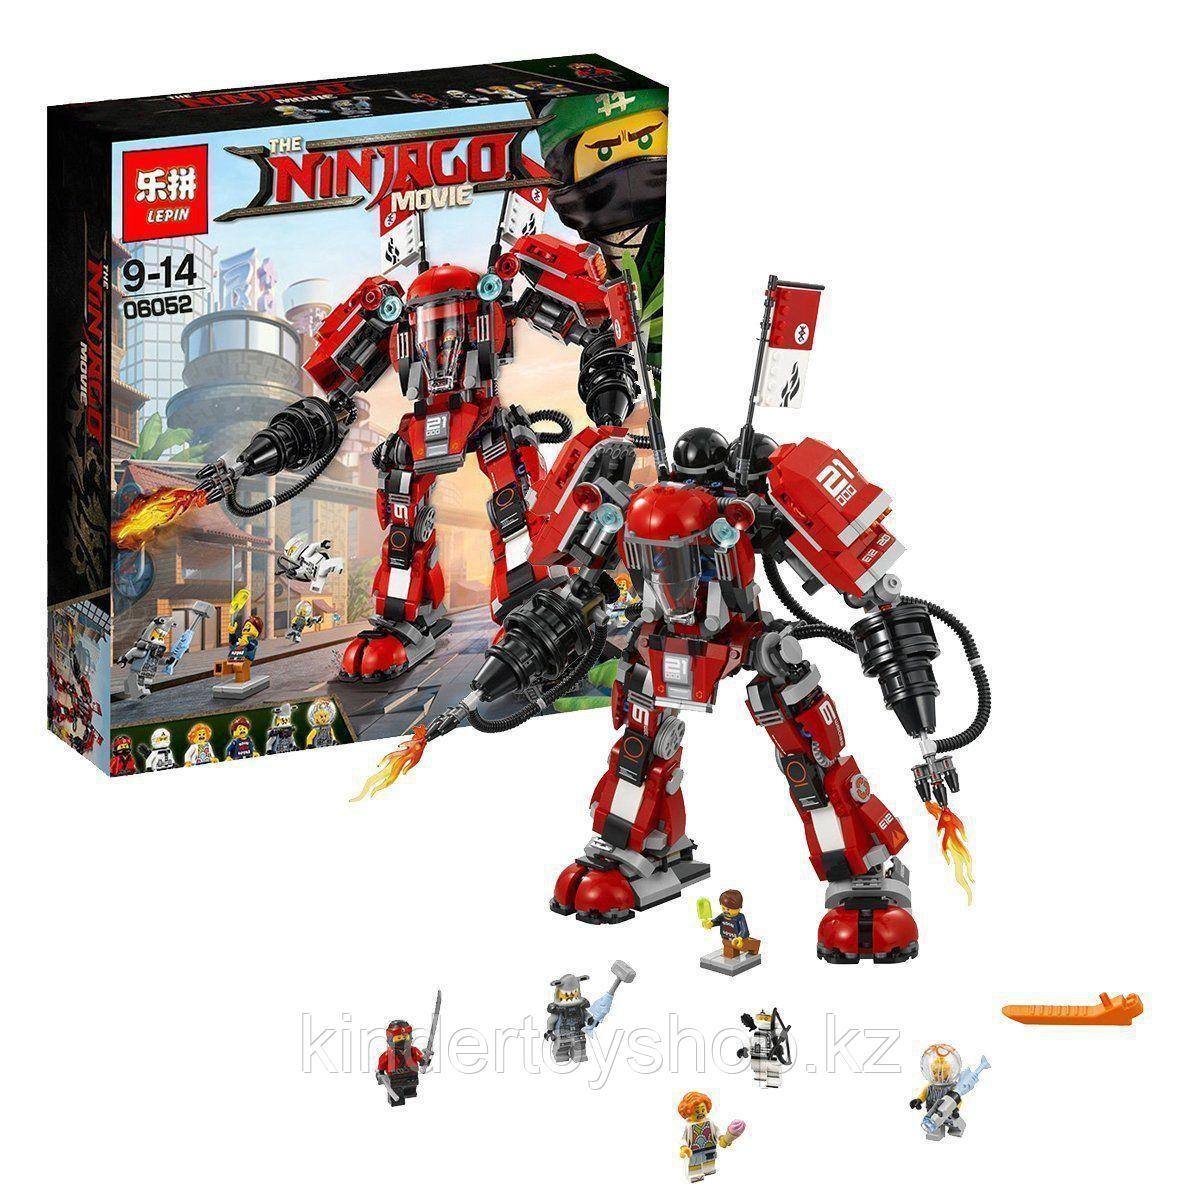 Конструктор Lele 31074 Ниндзяго Муви Огненный робот Кая 980 деталей аналог lego Ниндзяго 70615